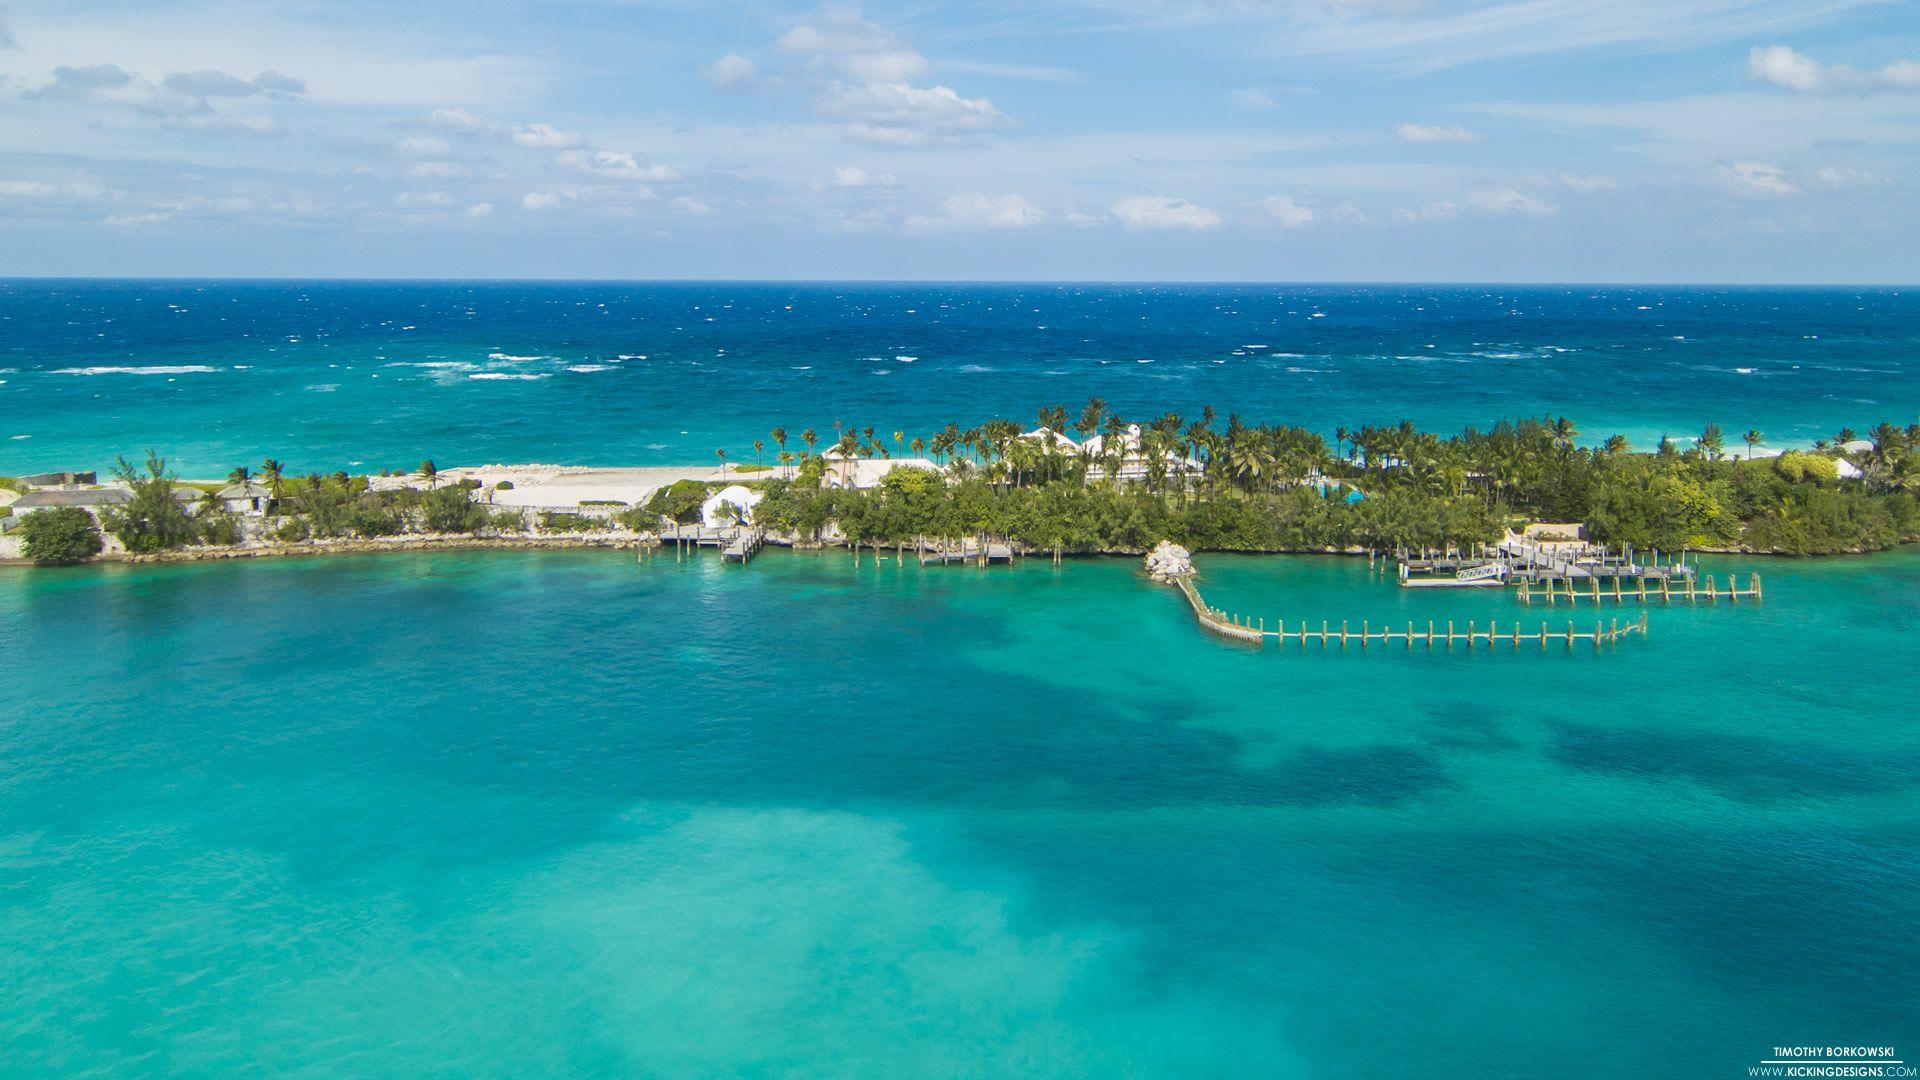 Bahamas hd image